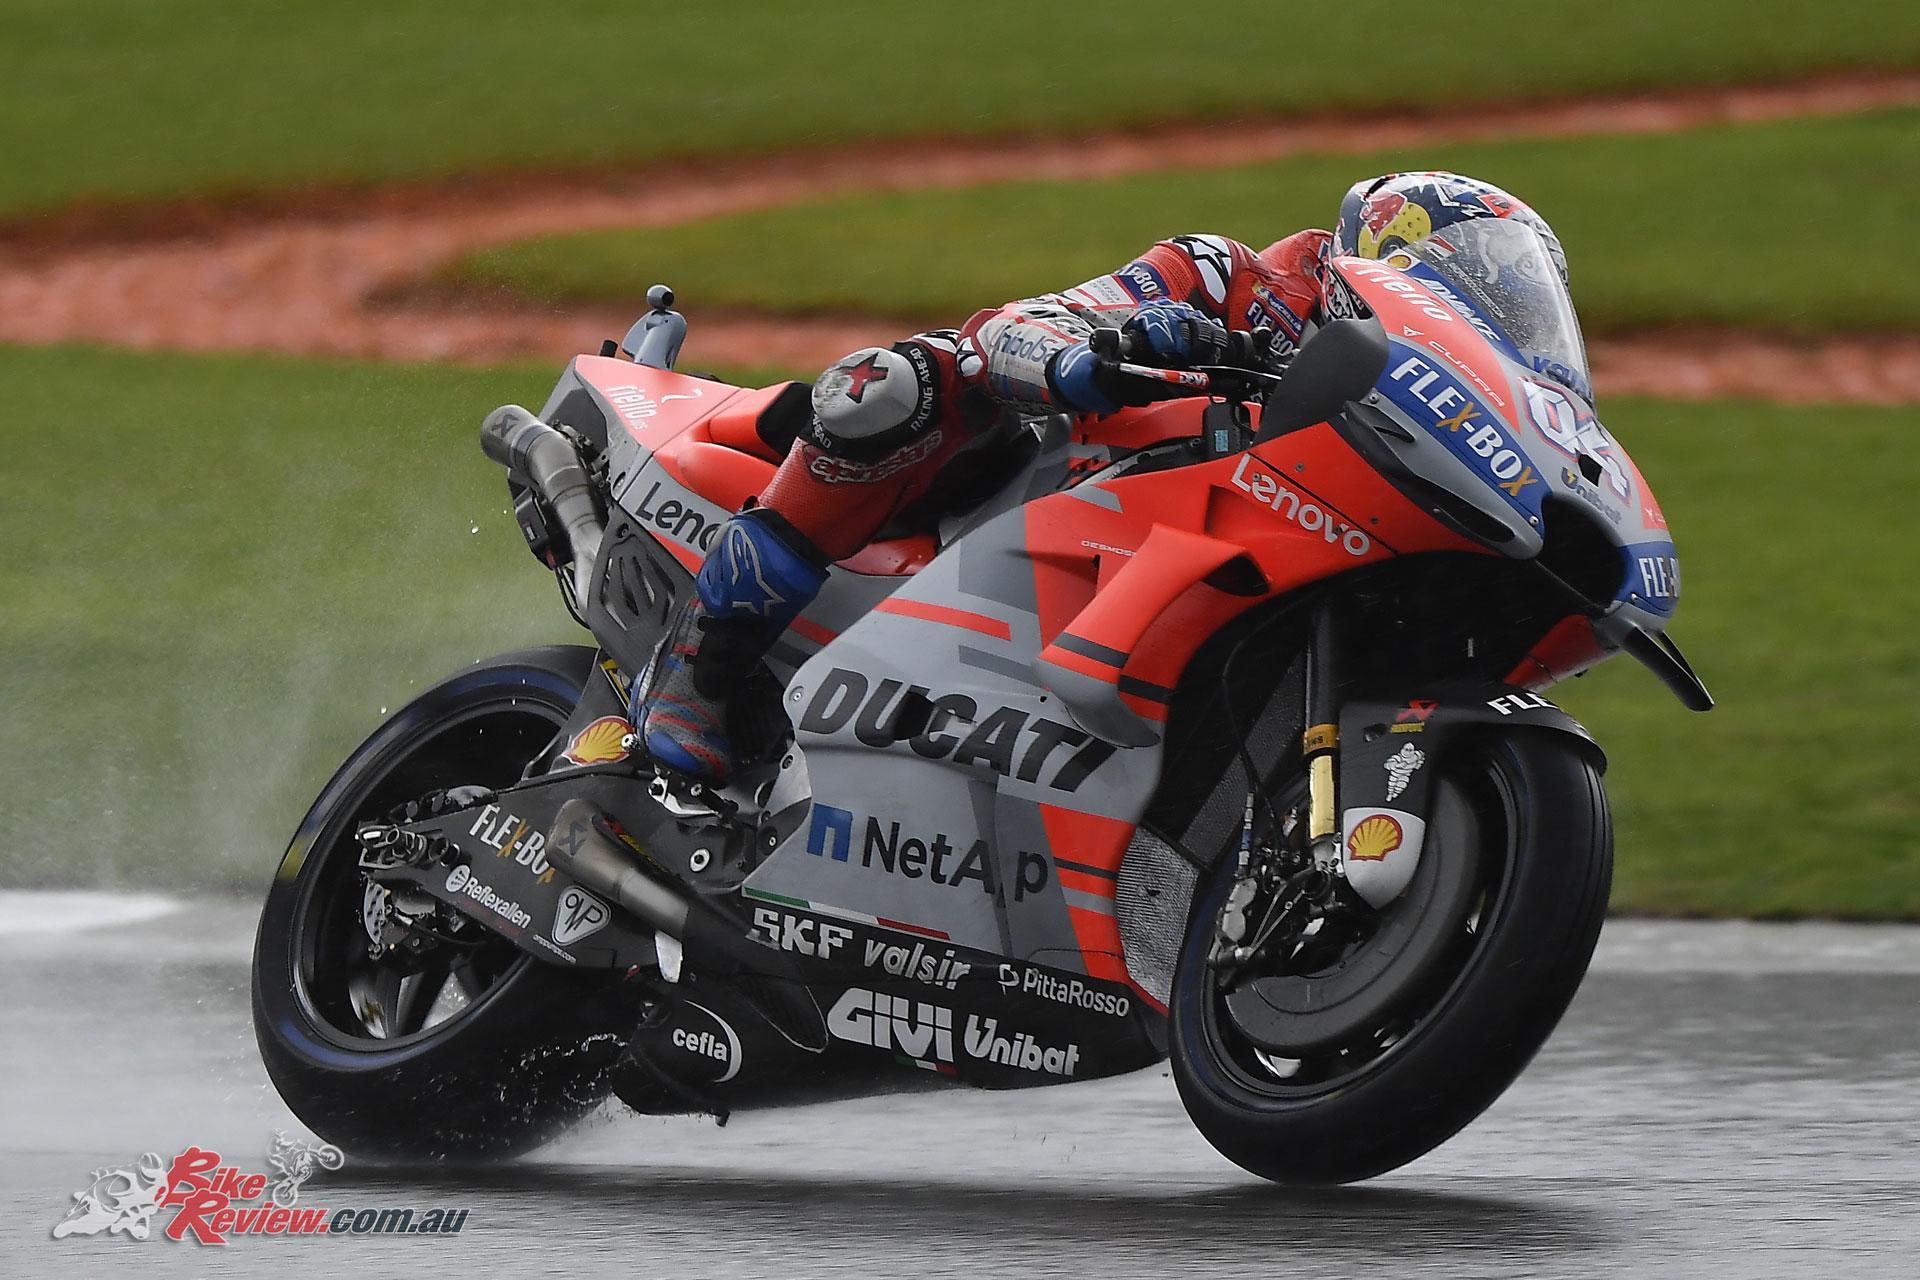 Andrea Dovizioso - 2018 MotoGP Valencia